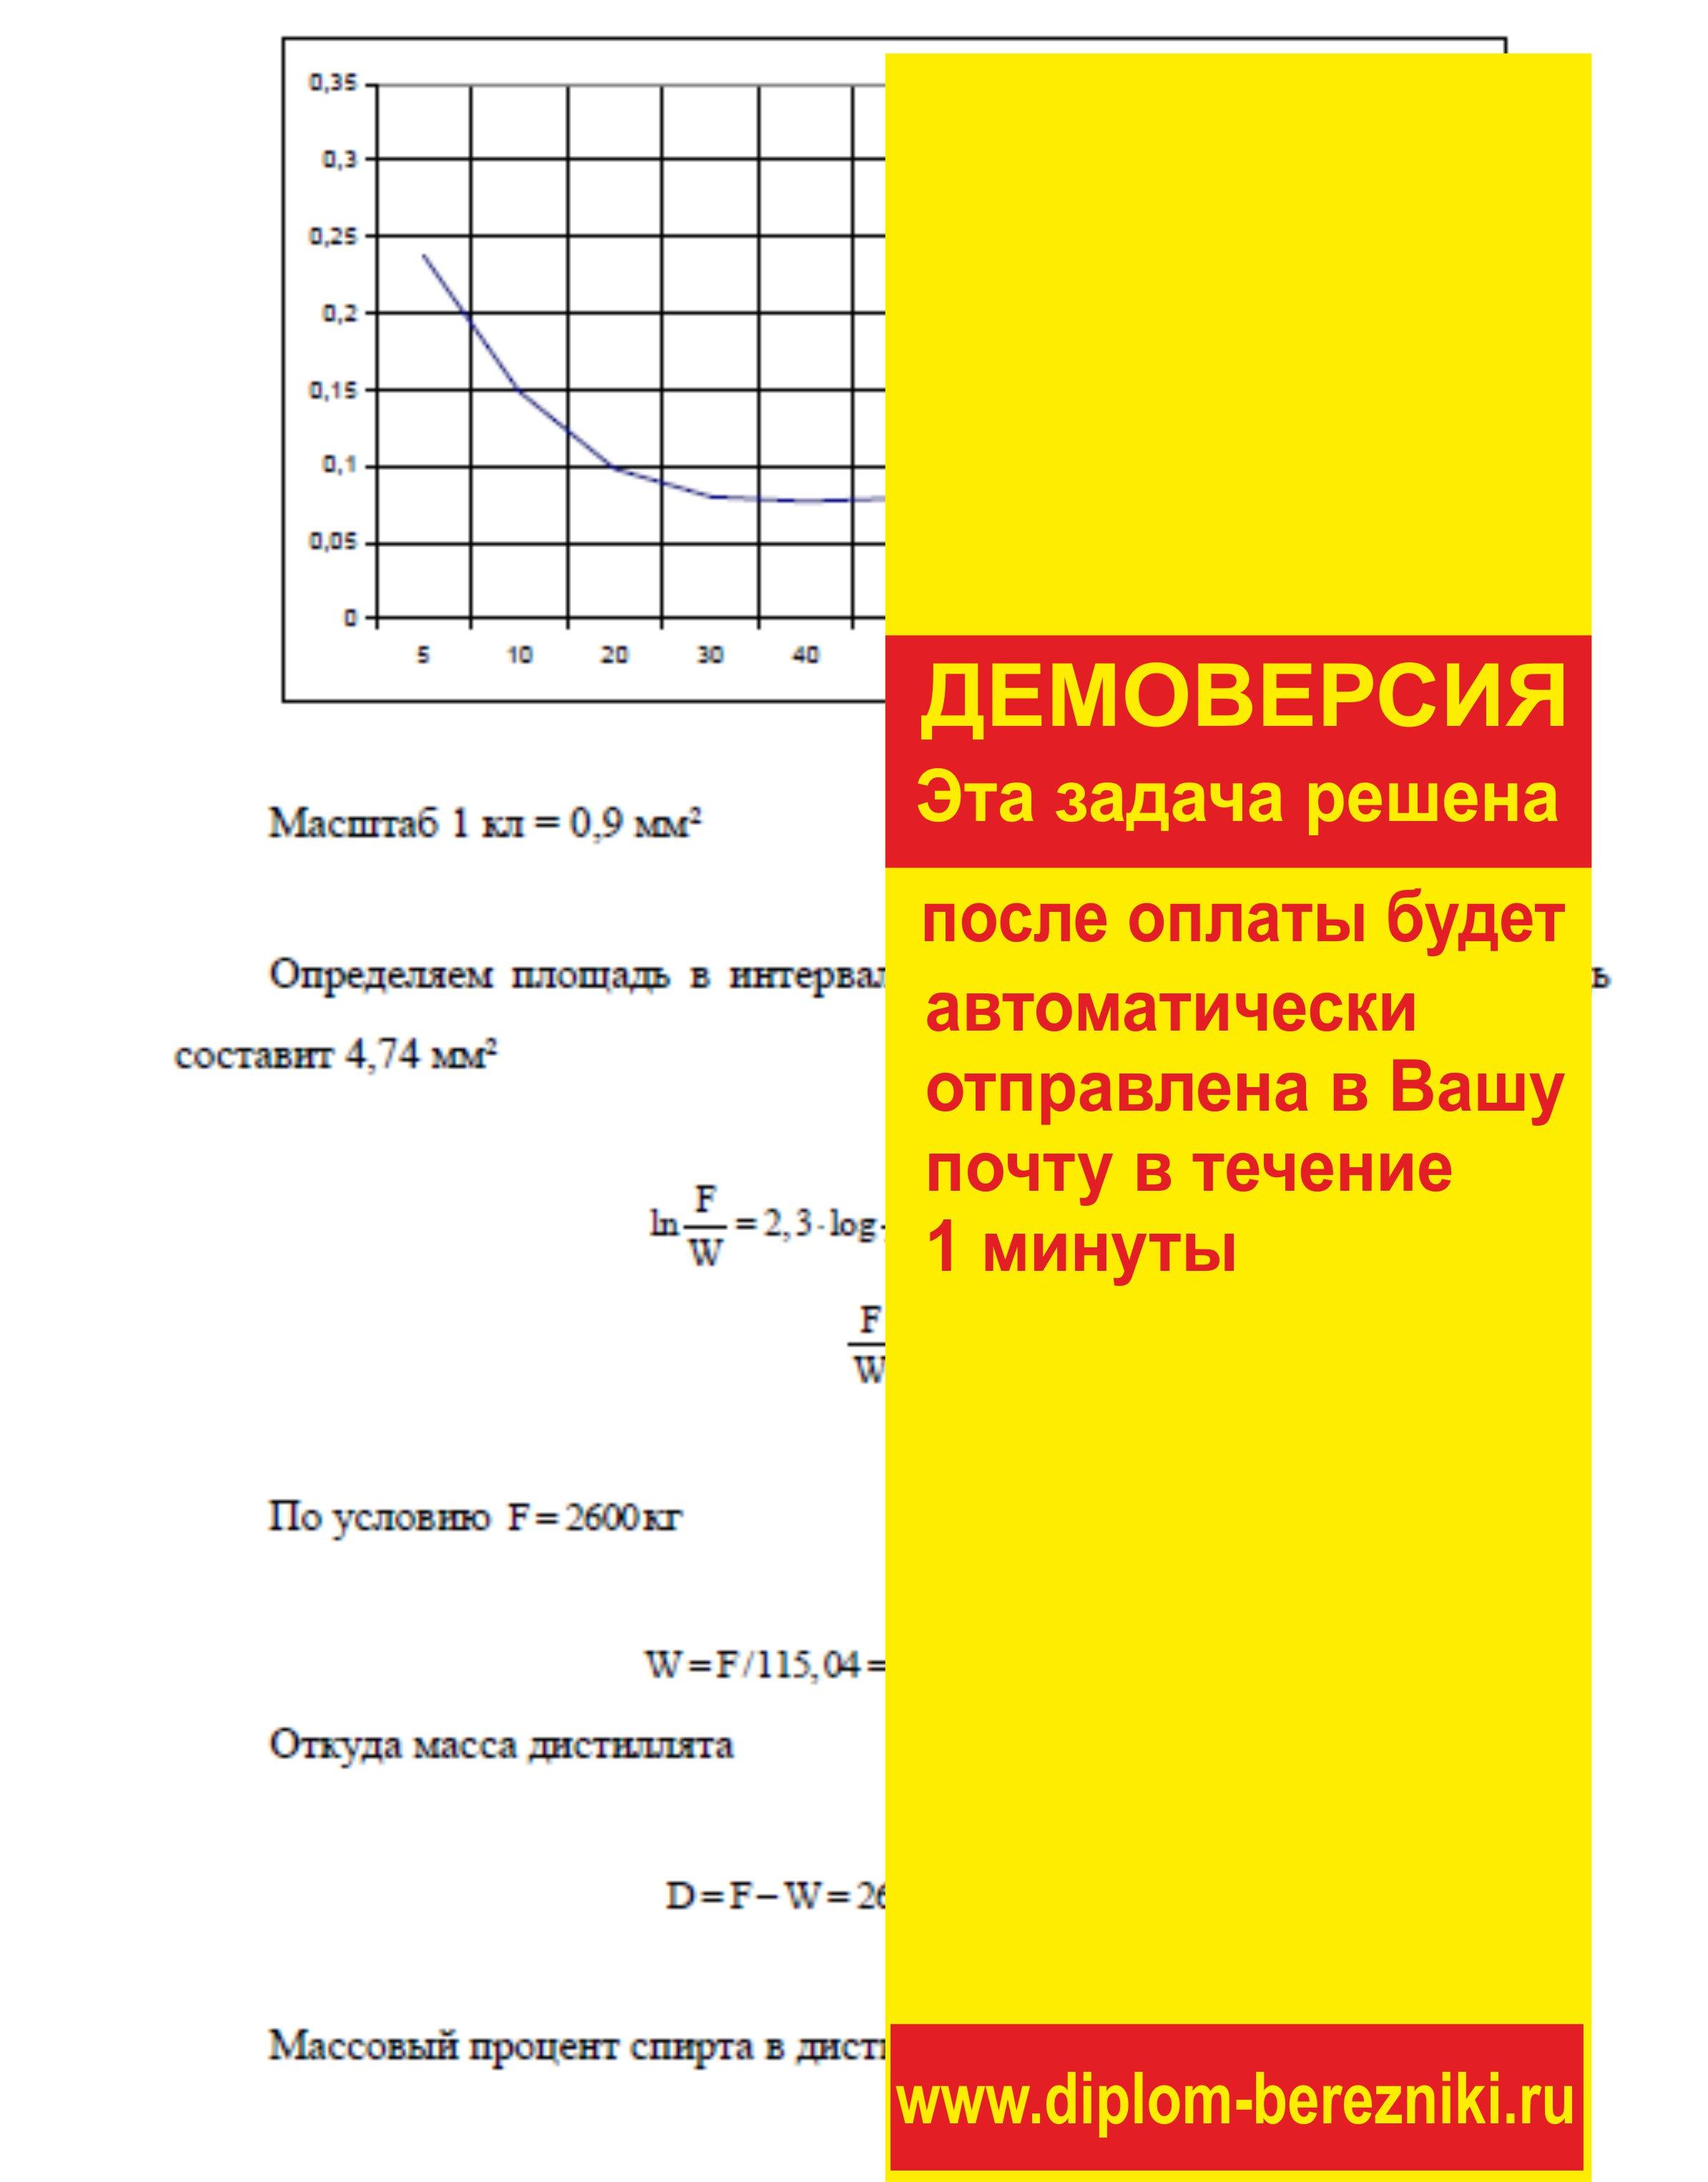 Решение задачи 7.8 по ПАХТ из задачника Павлова Романкова Носкова